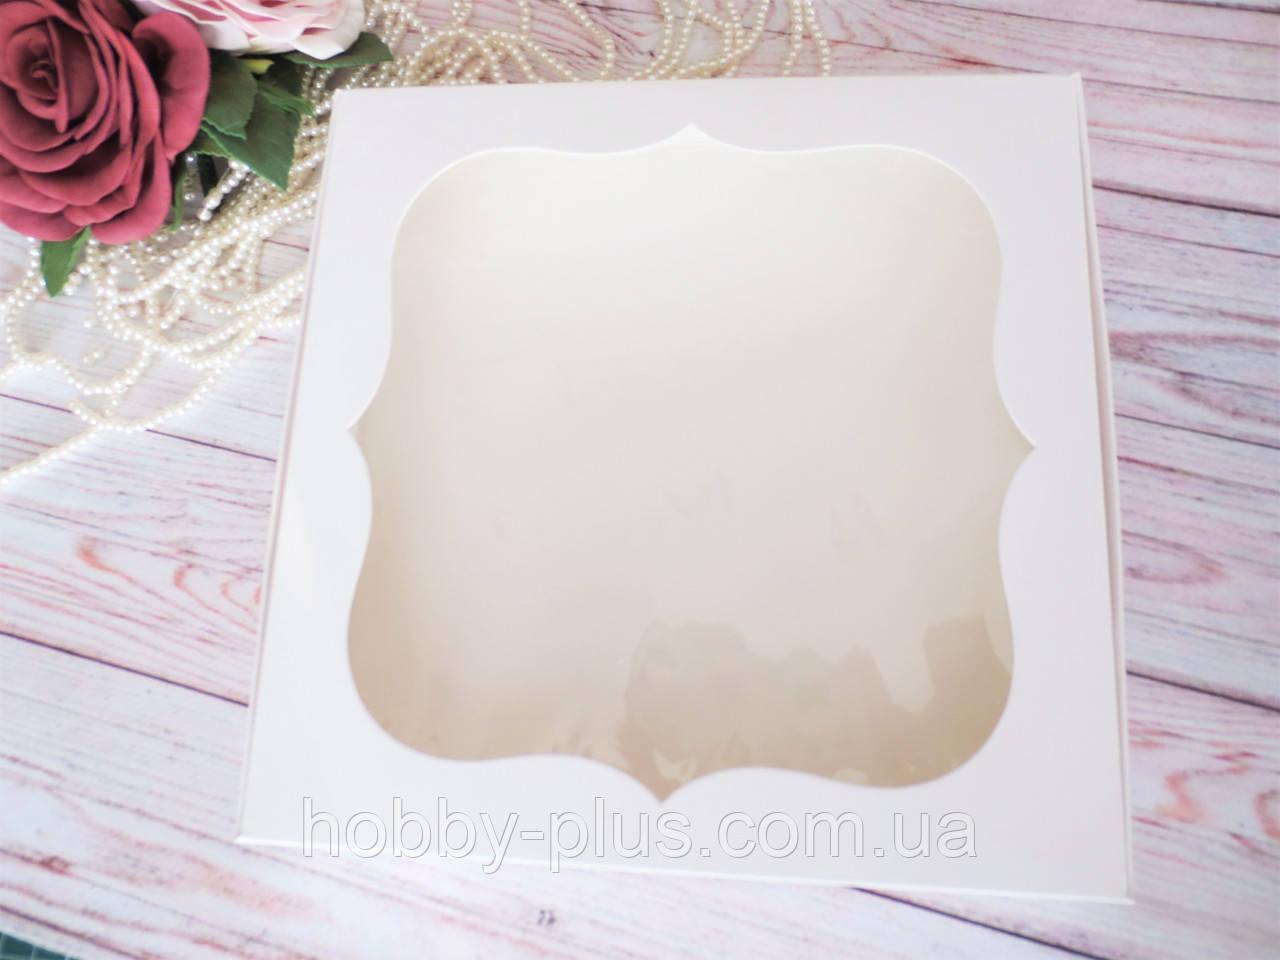 Коробка для изделий ручной работы с окном, 200х200х30 мм, цвет белый, 1шт